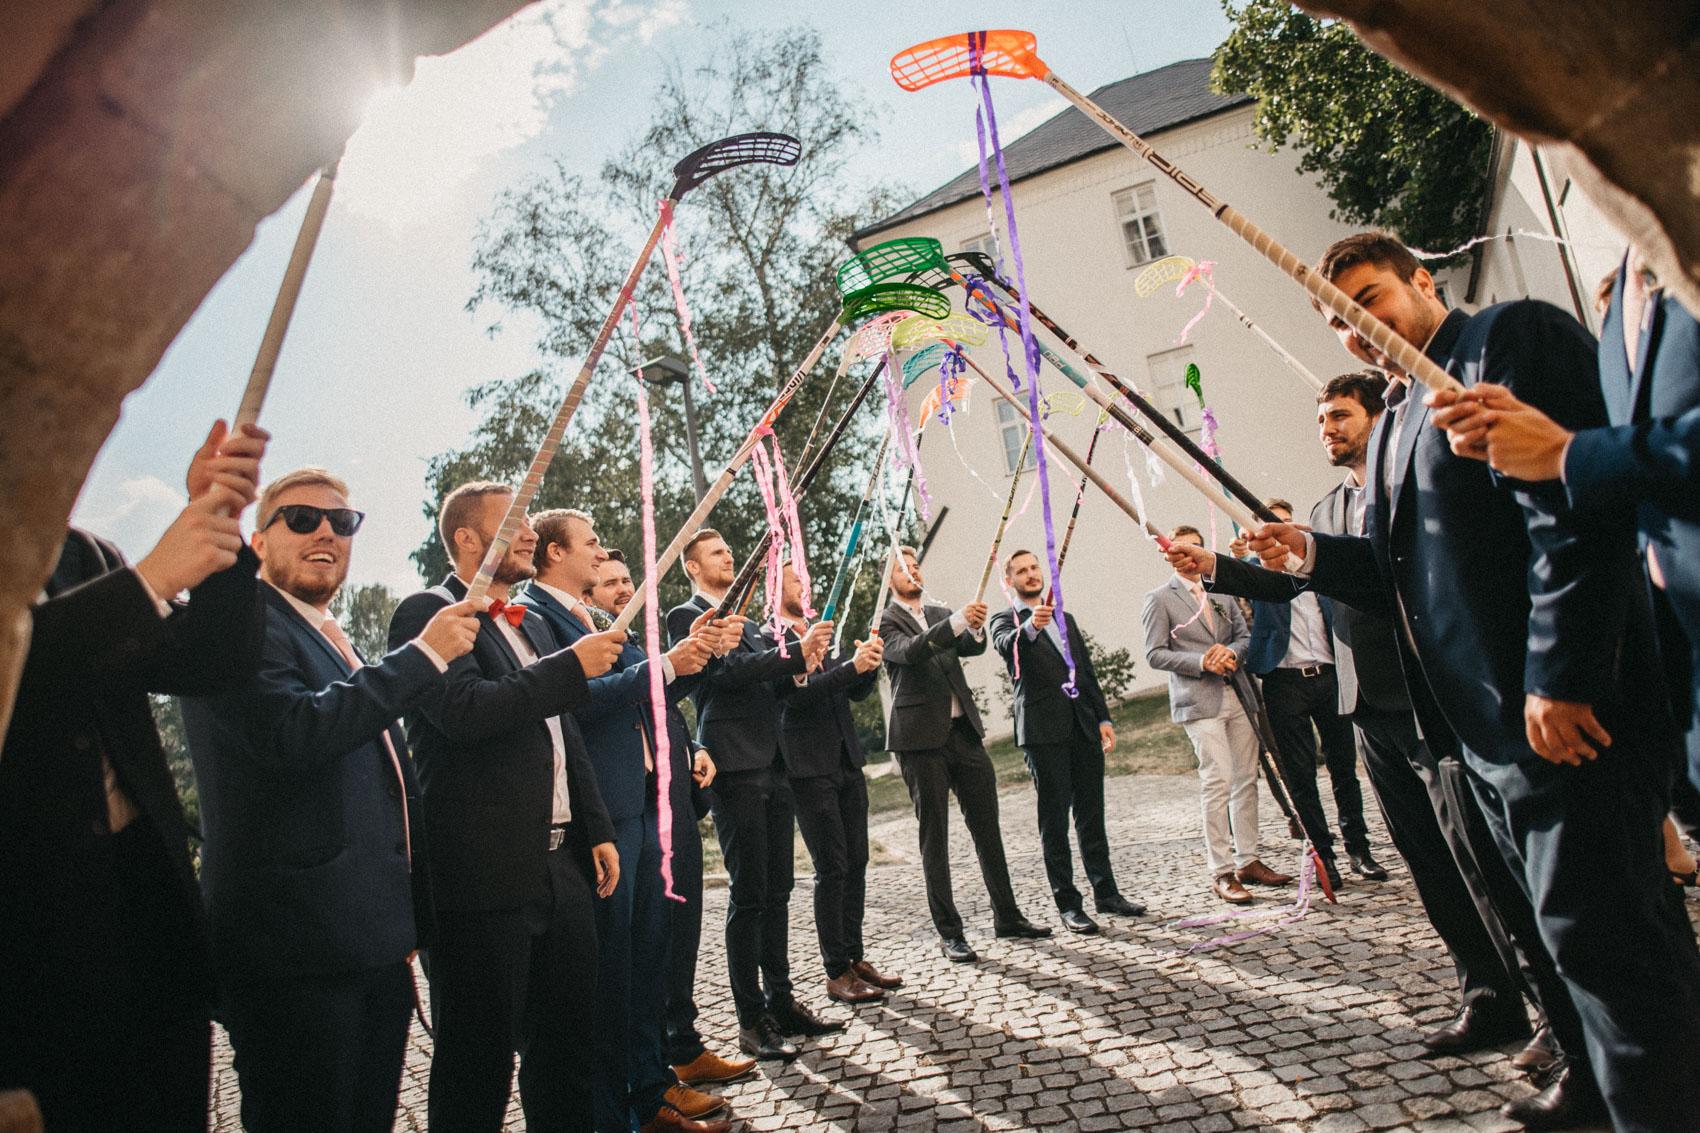 svatební tradice 3